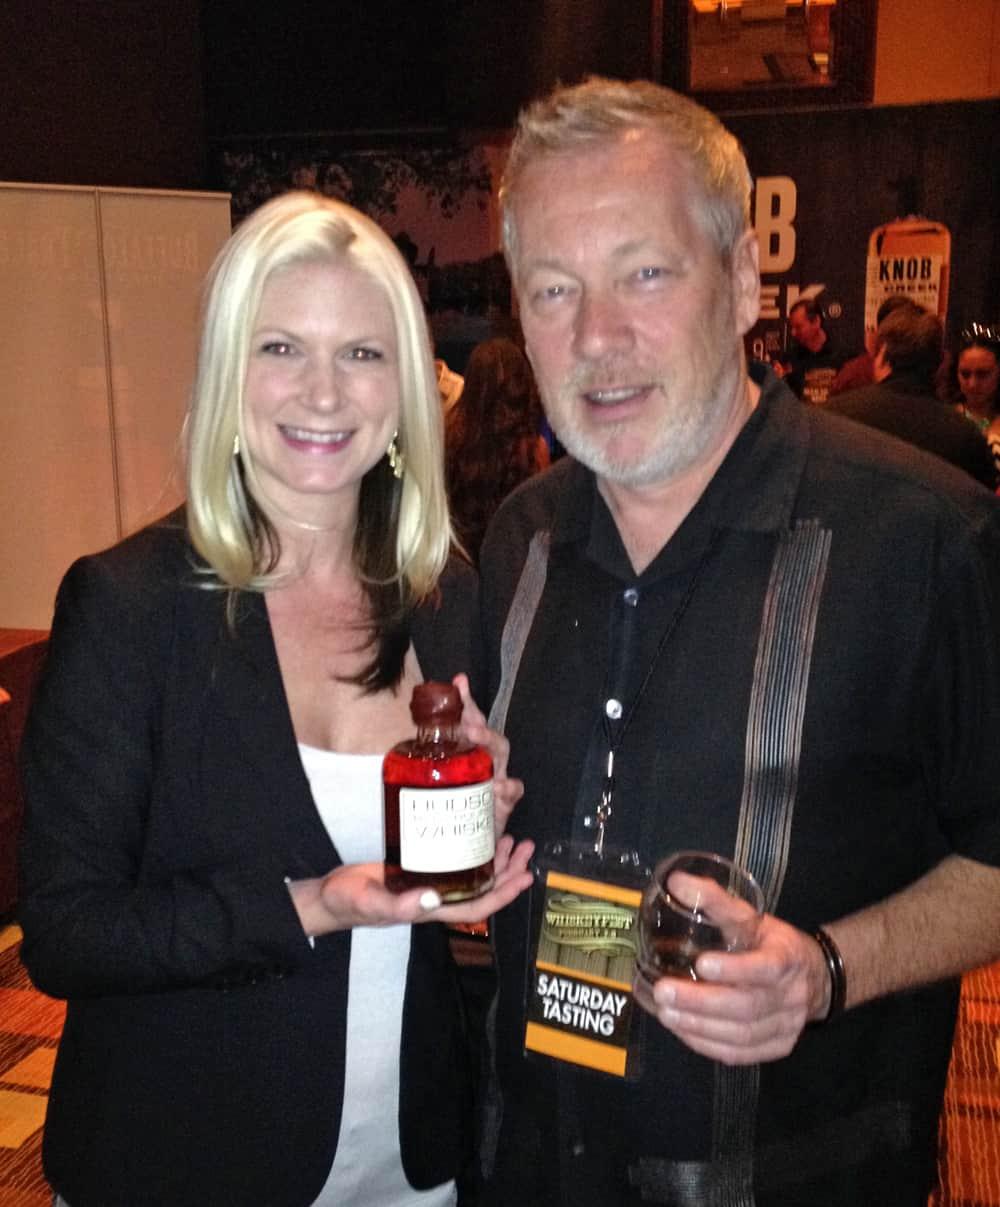 WhiskeyFest2014 - Hudson Whiskey